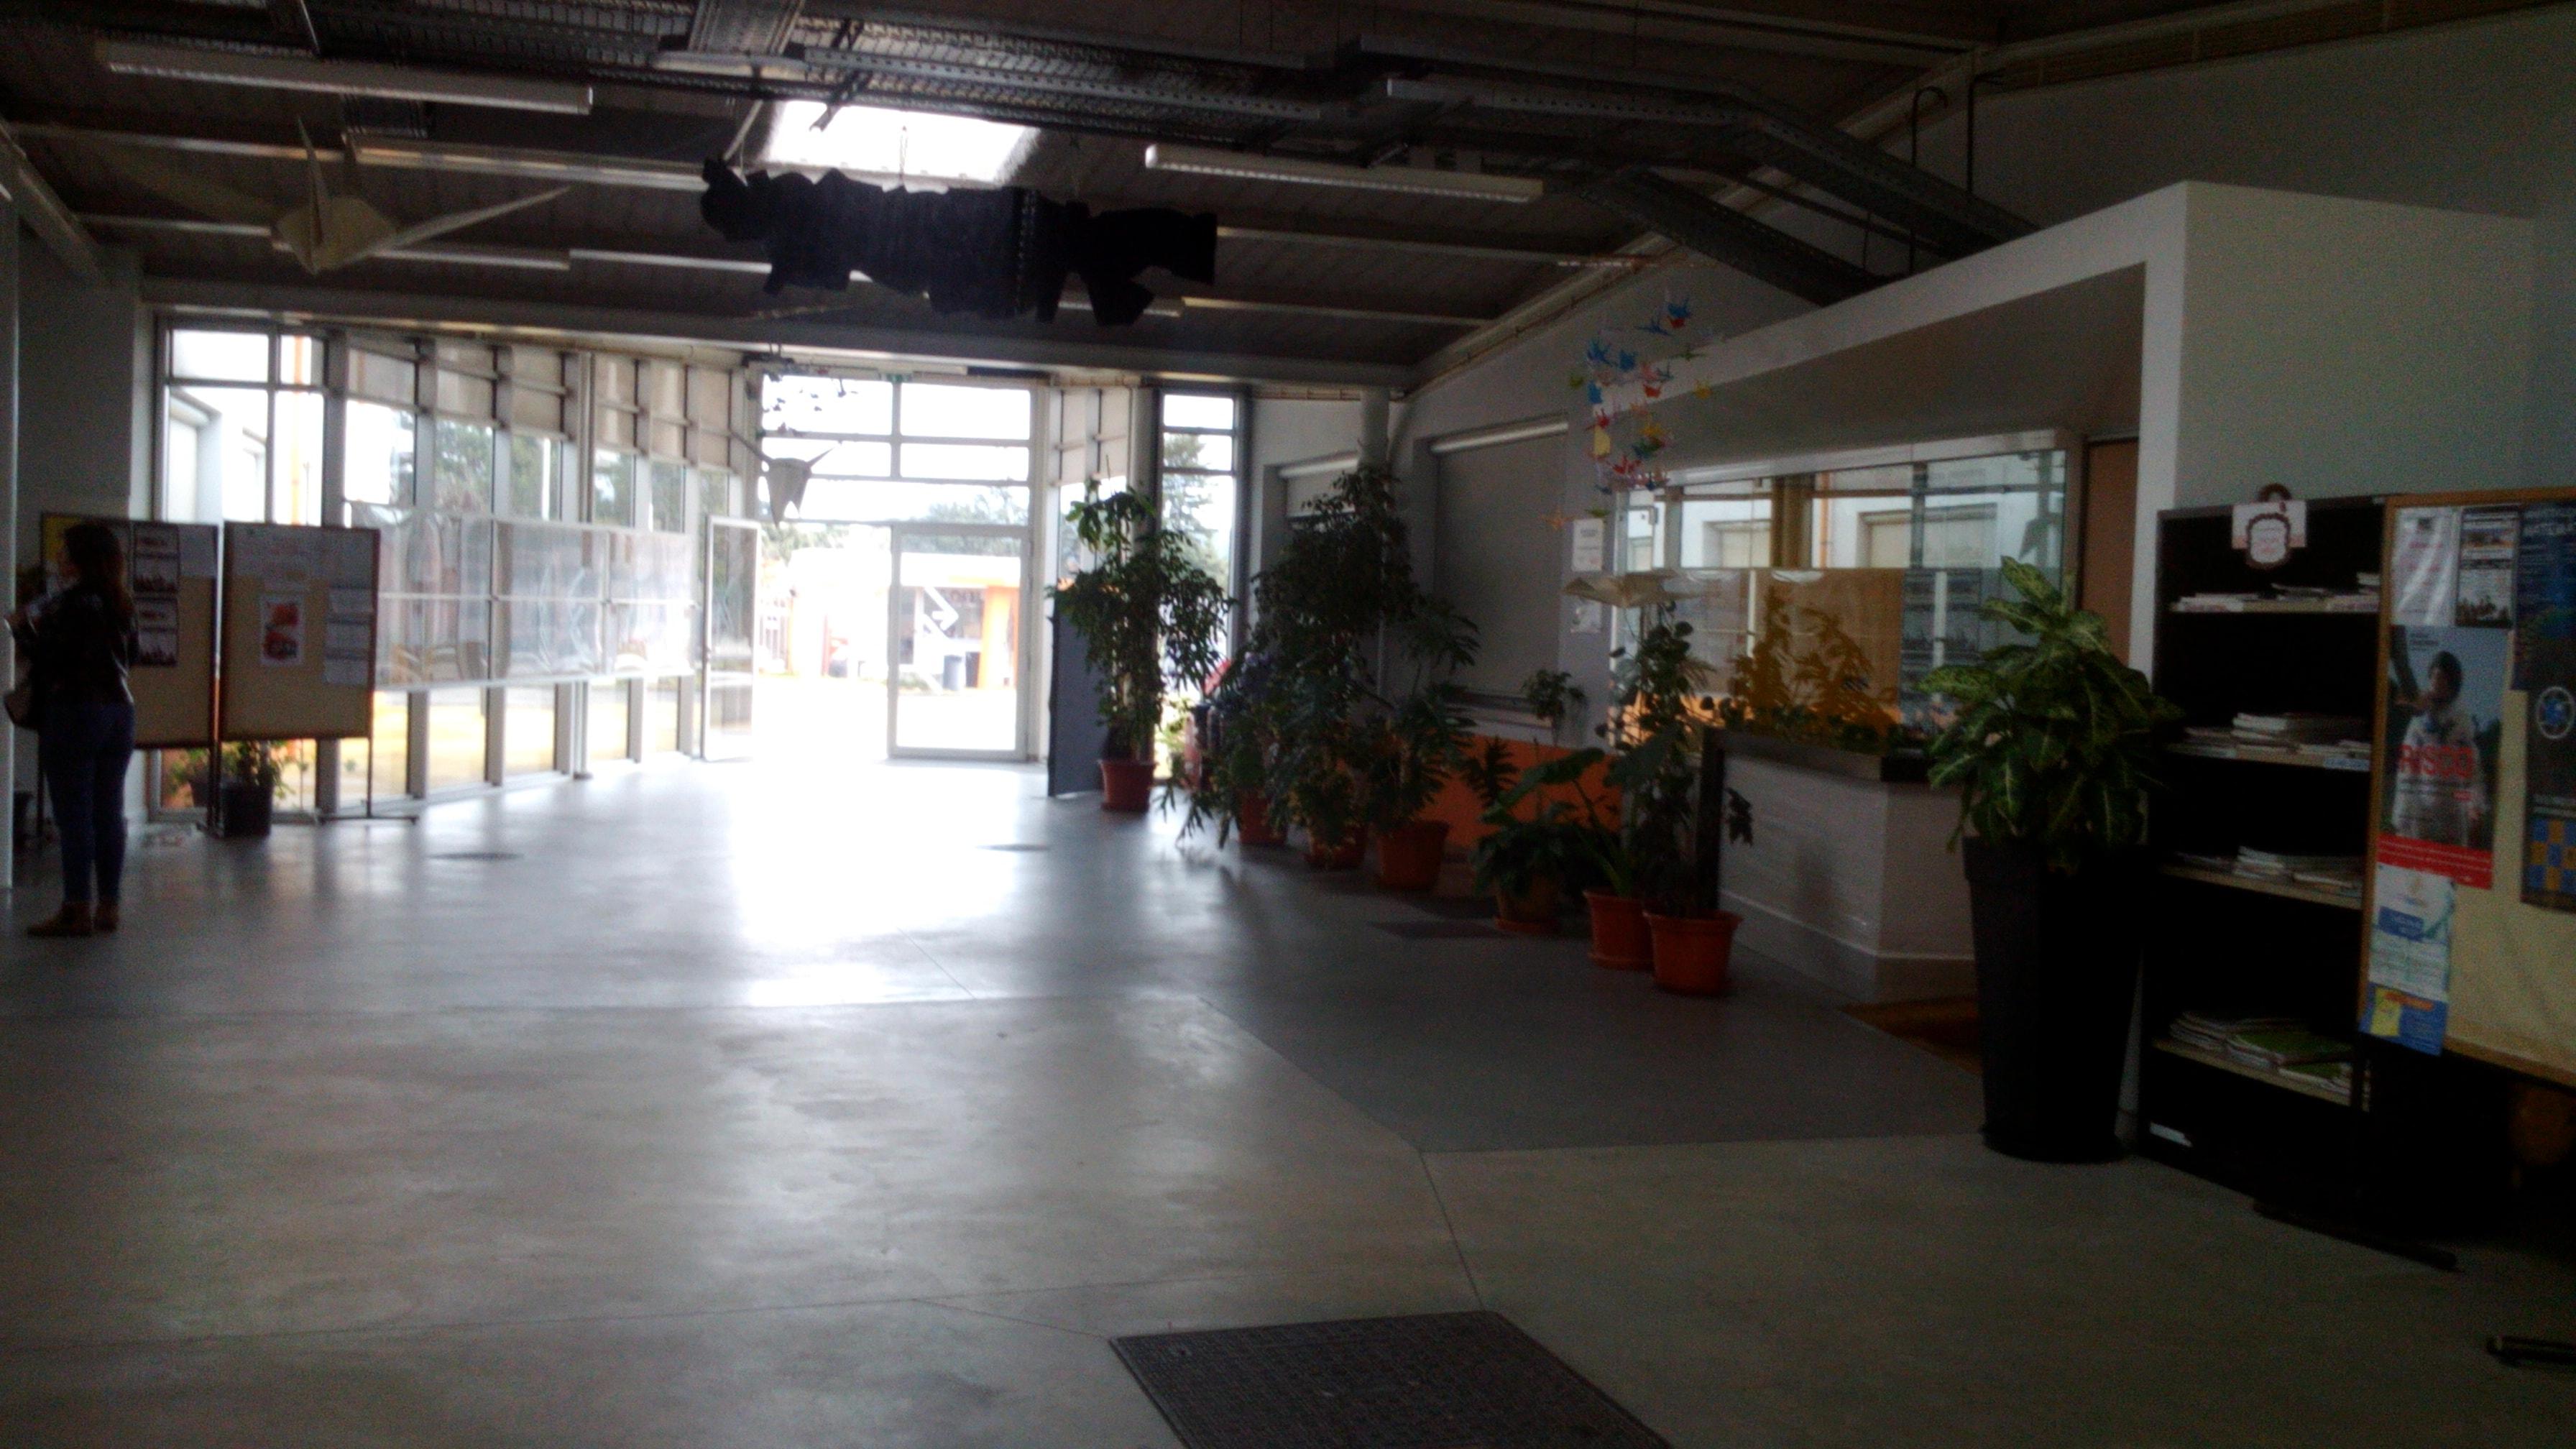 escola secundaria ponte de sor_01022017-min